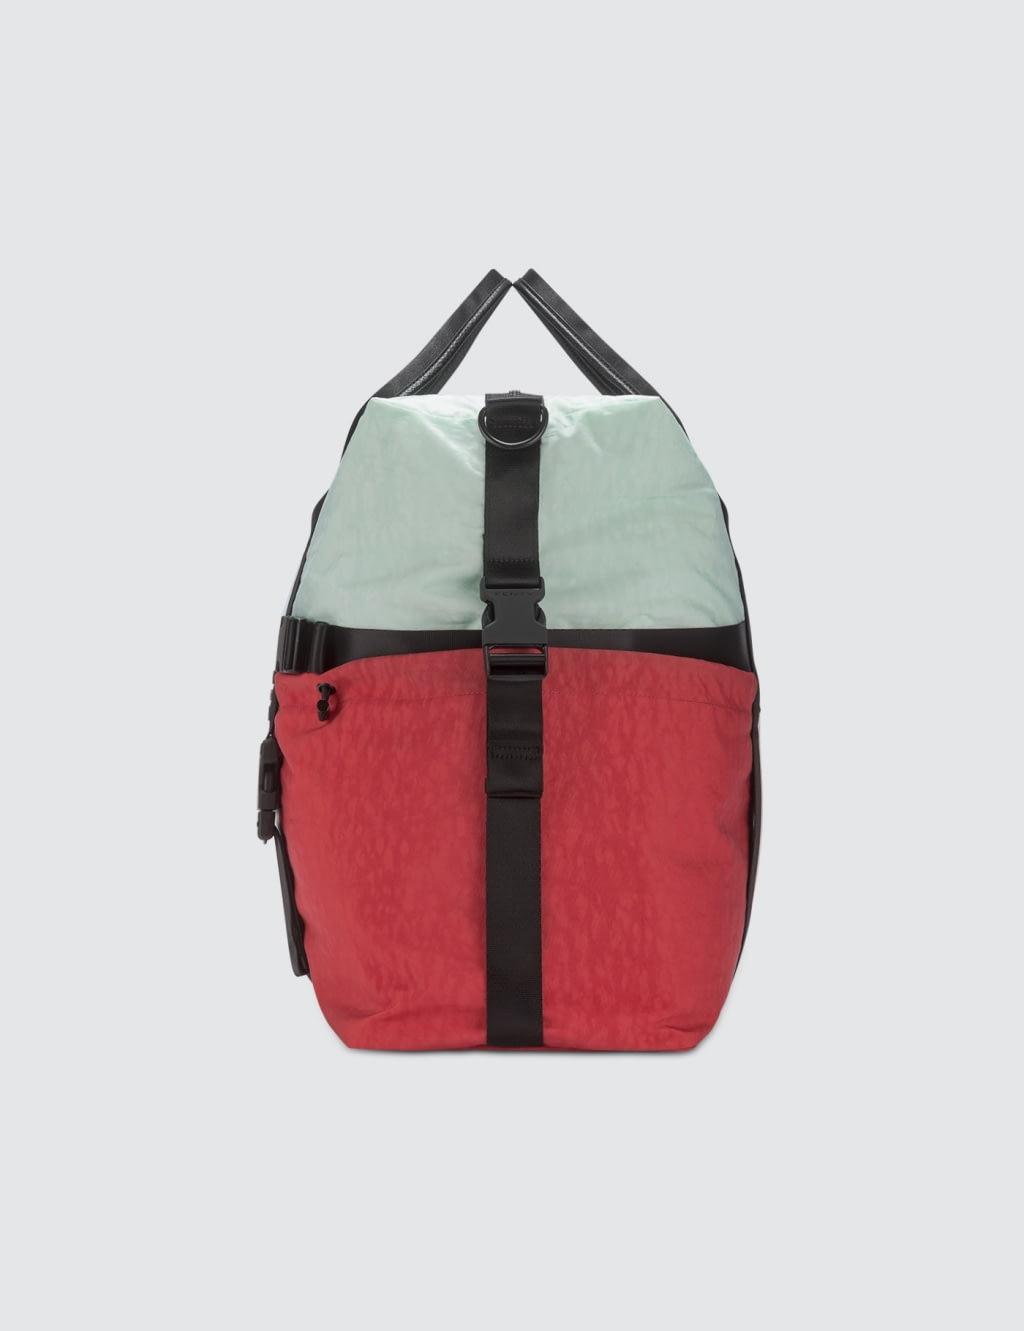 XL Compression duffel bag Fenty Puma by Rihanna fhflK9zT